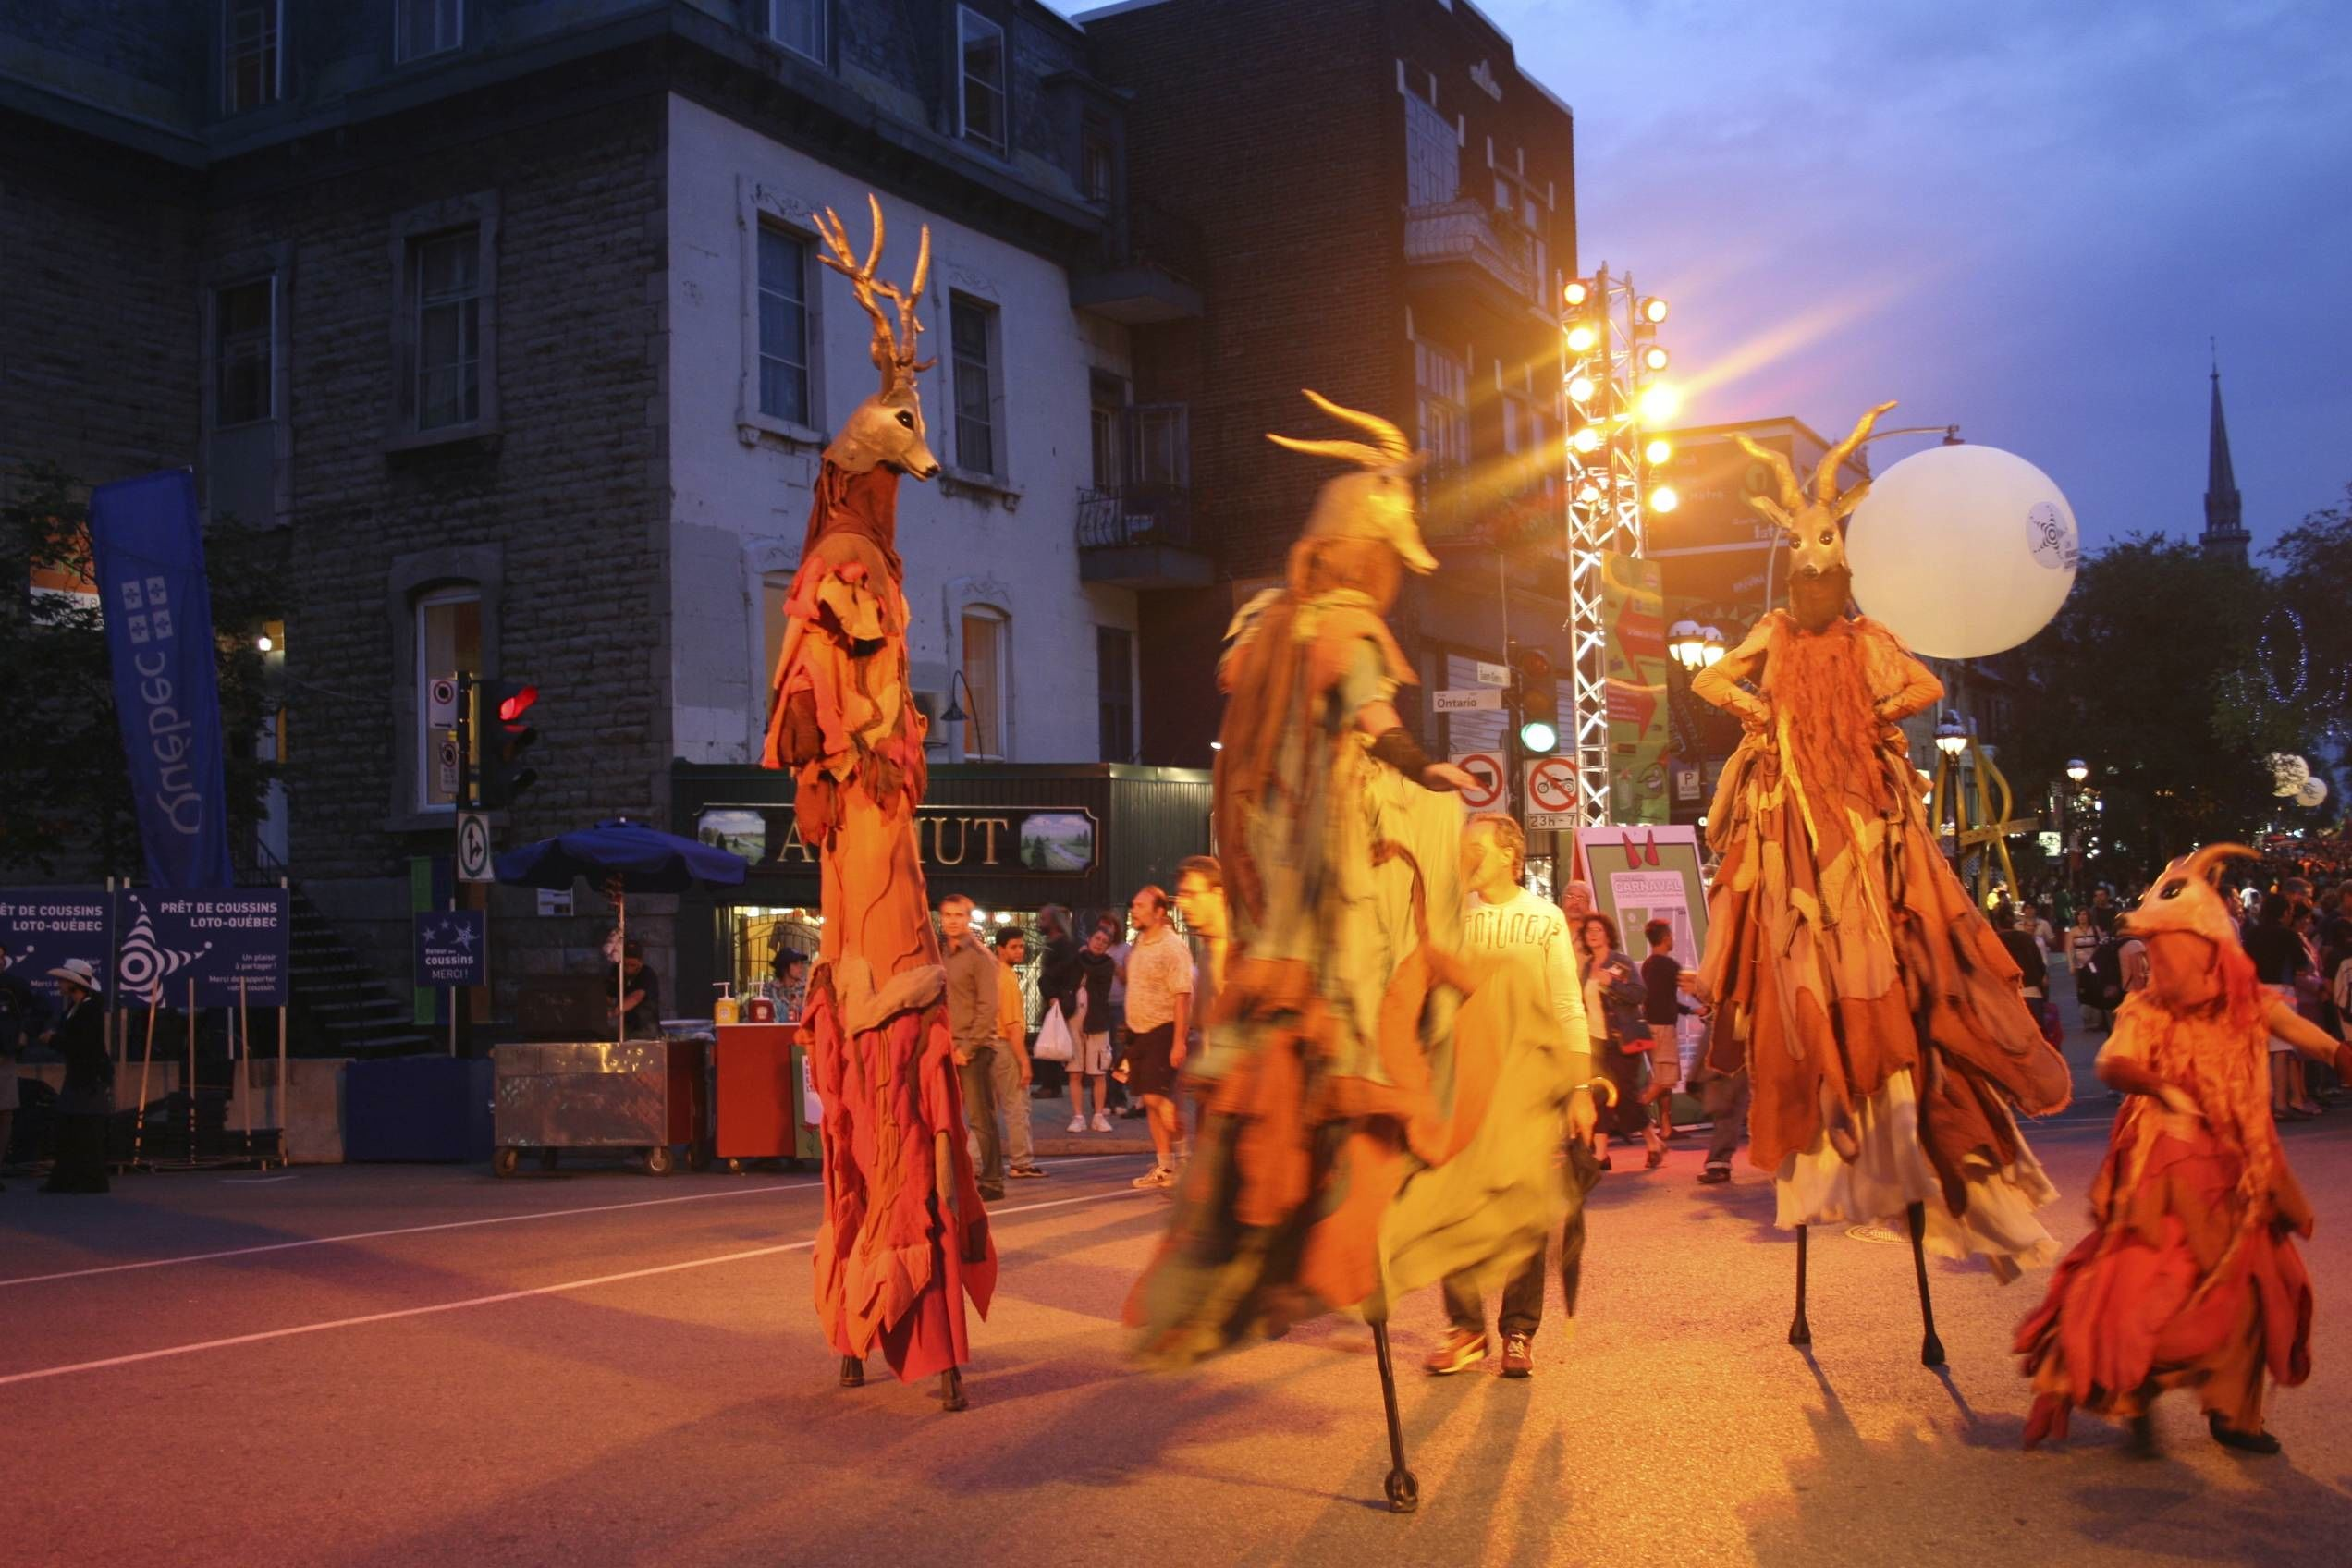 Montreal Street Festival